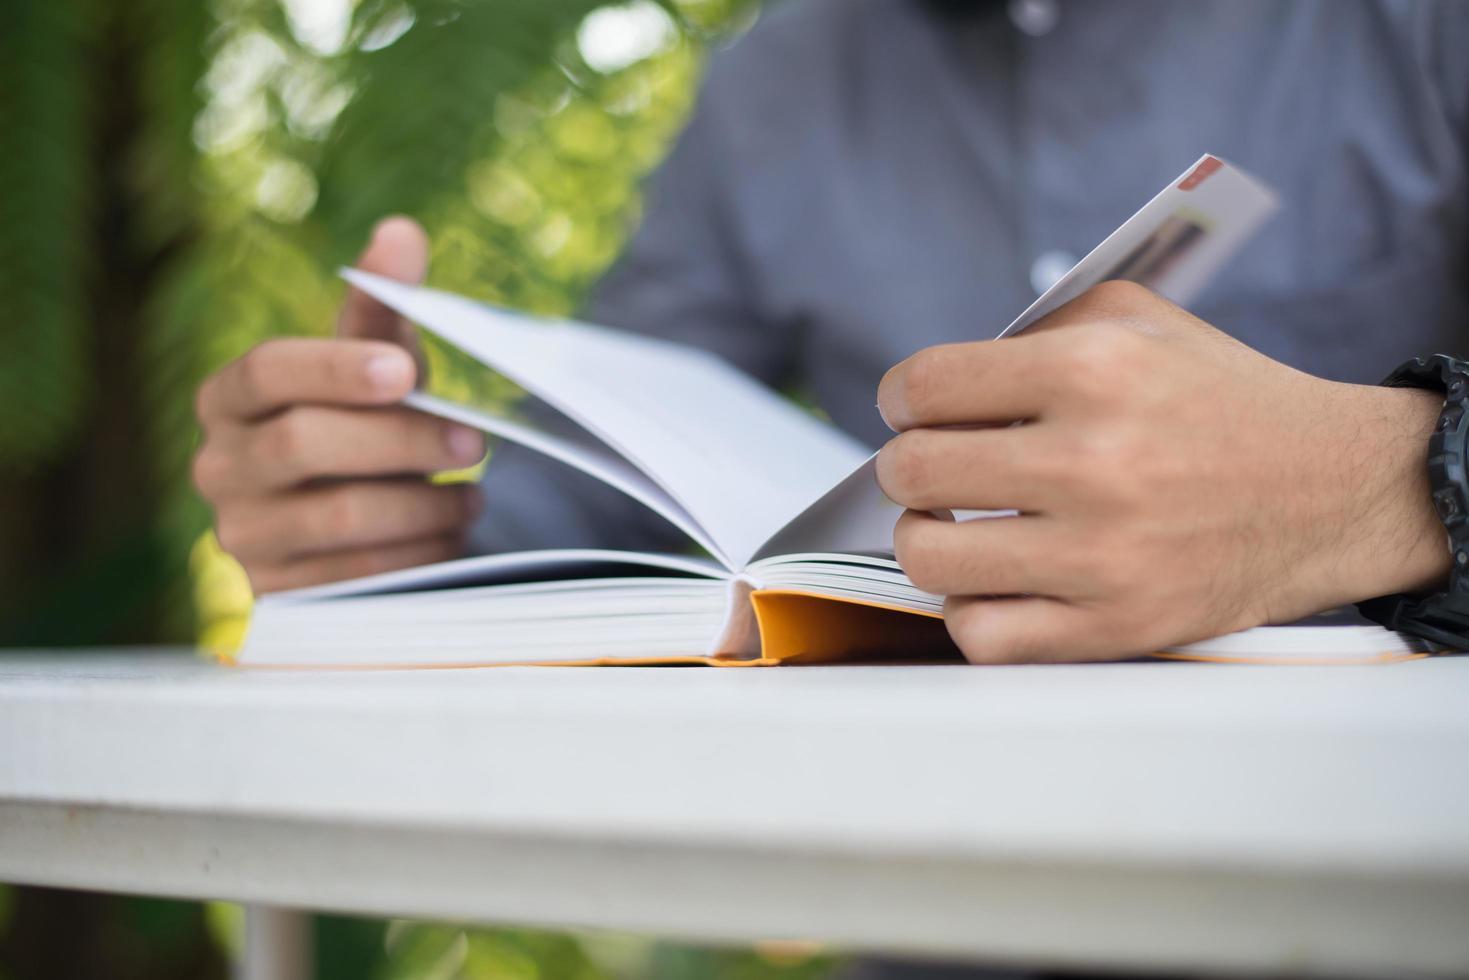 ung man läser böcker i hemträdgård med naturen foto